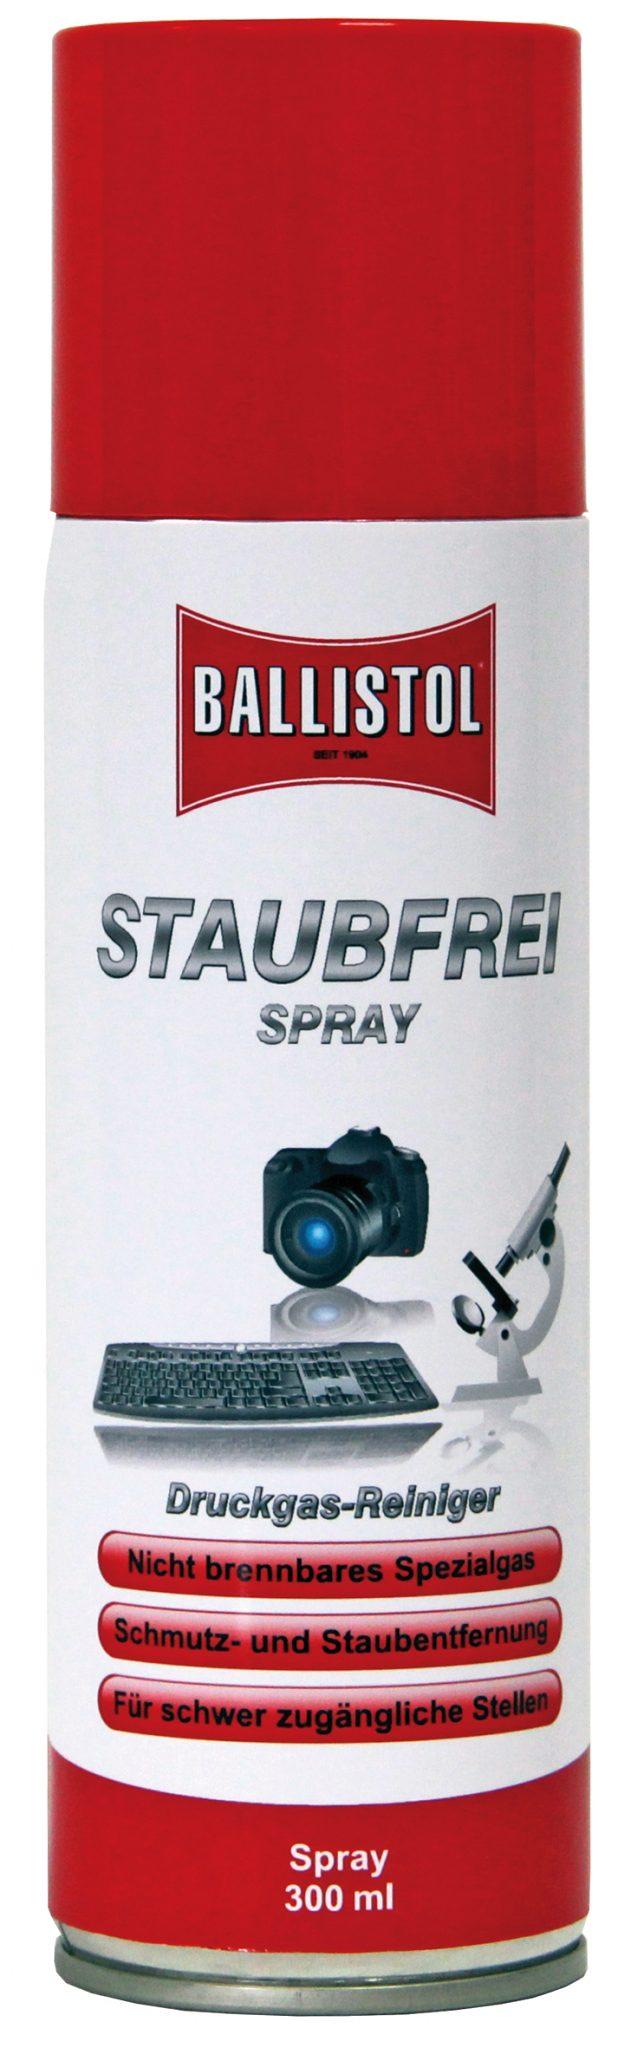 Ballistol Reinigungsmittel »Staubfrei Druckspray 300ml«